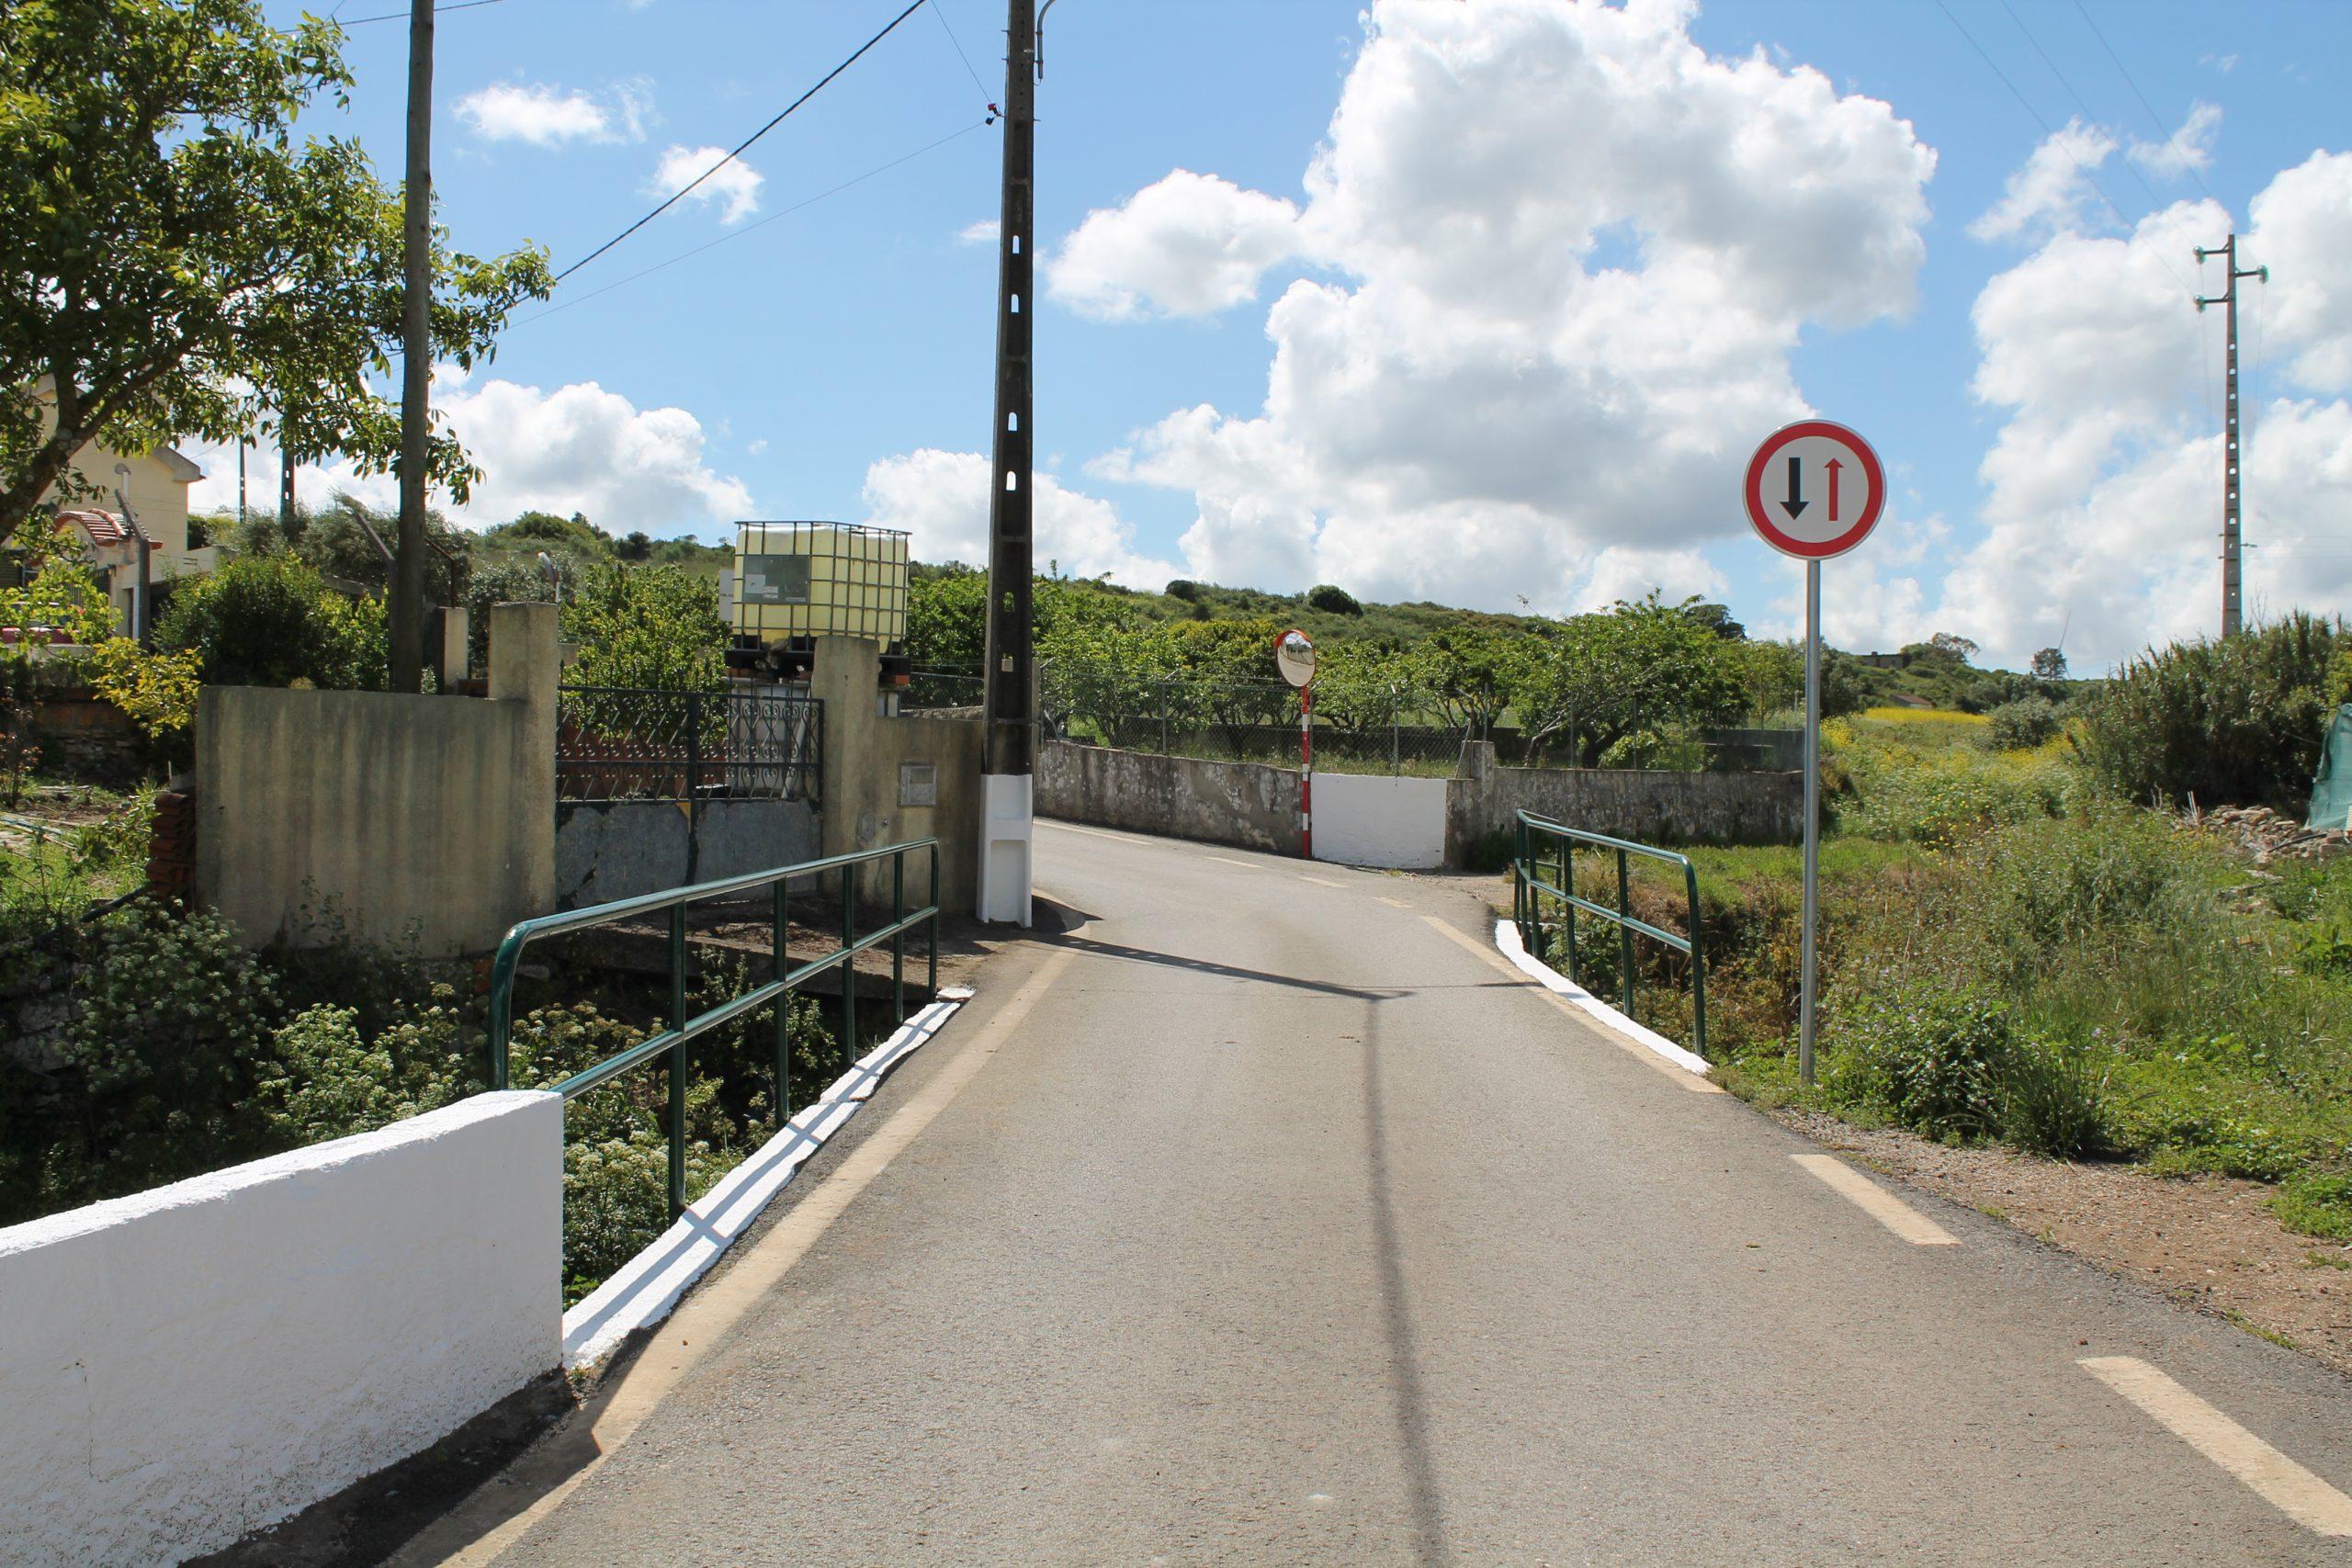 TORRE DA BESOEIRA -(tb) Rua Alto das Noras – Pintura e limpeza da ponte, pintura de muretes e colocação de sinalética nova tornando o local mais seguro !